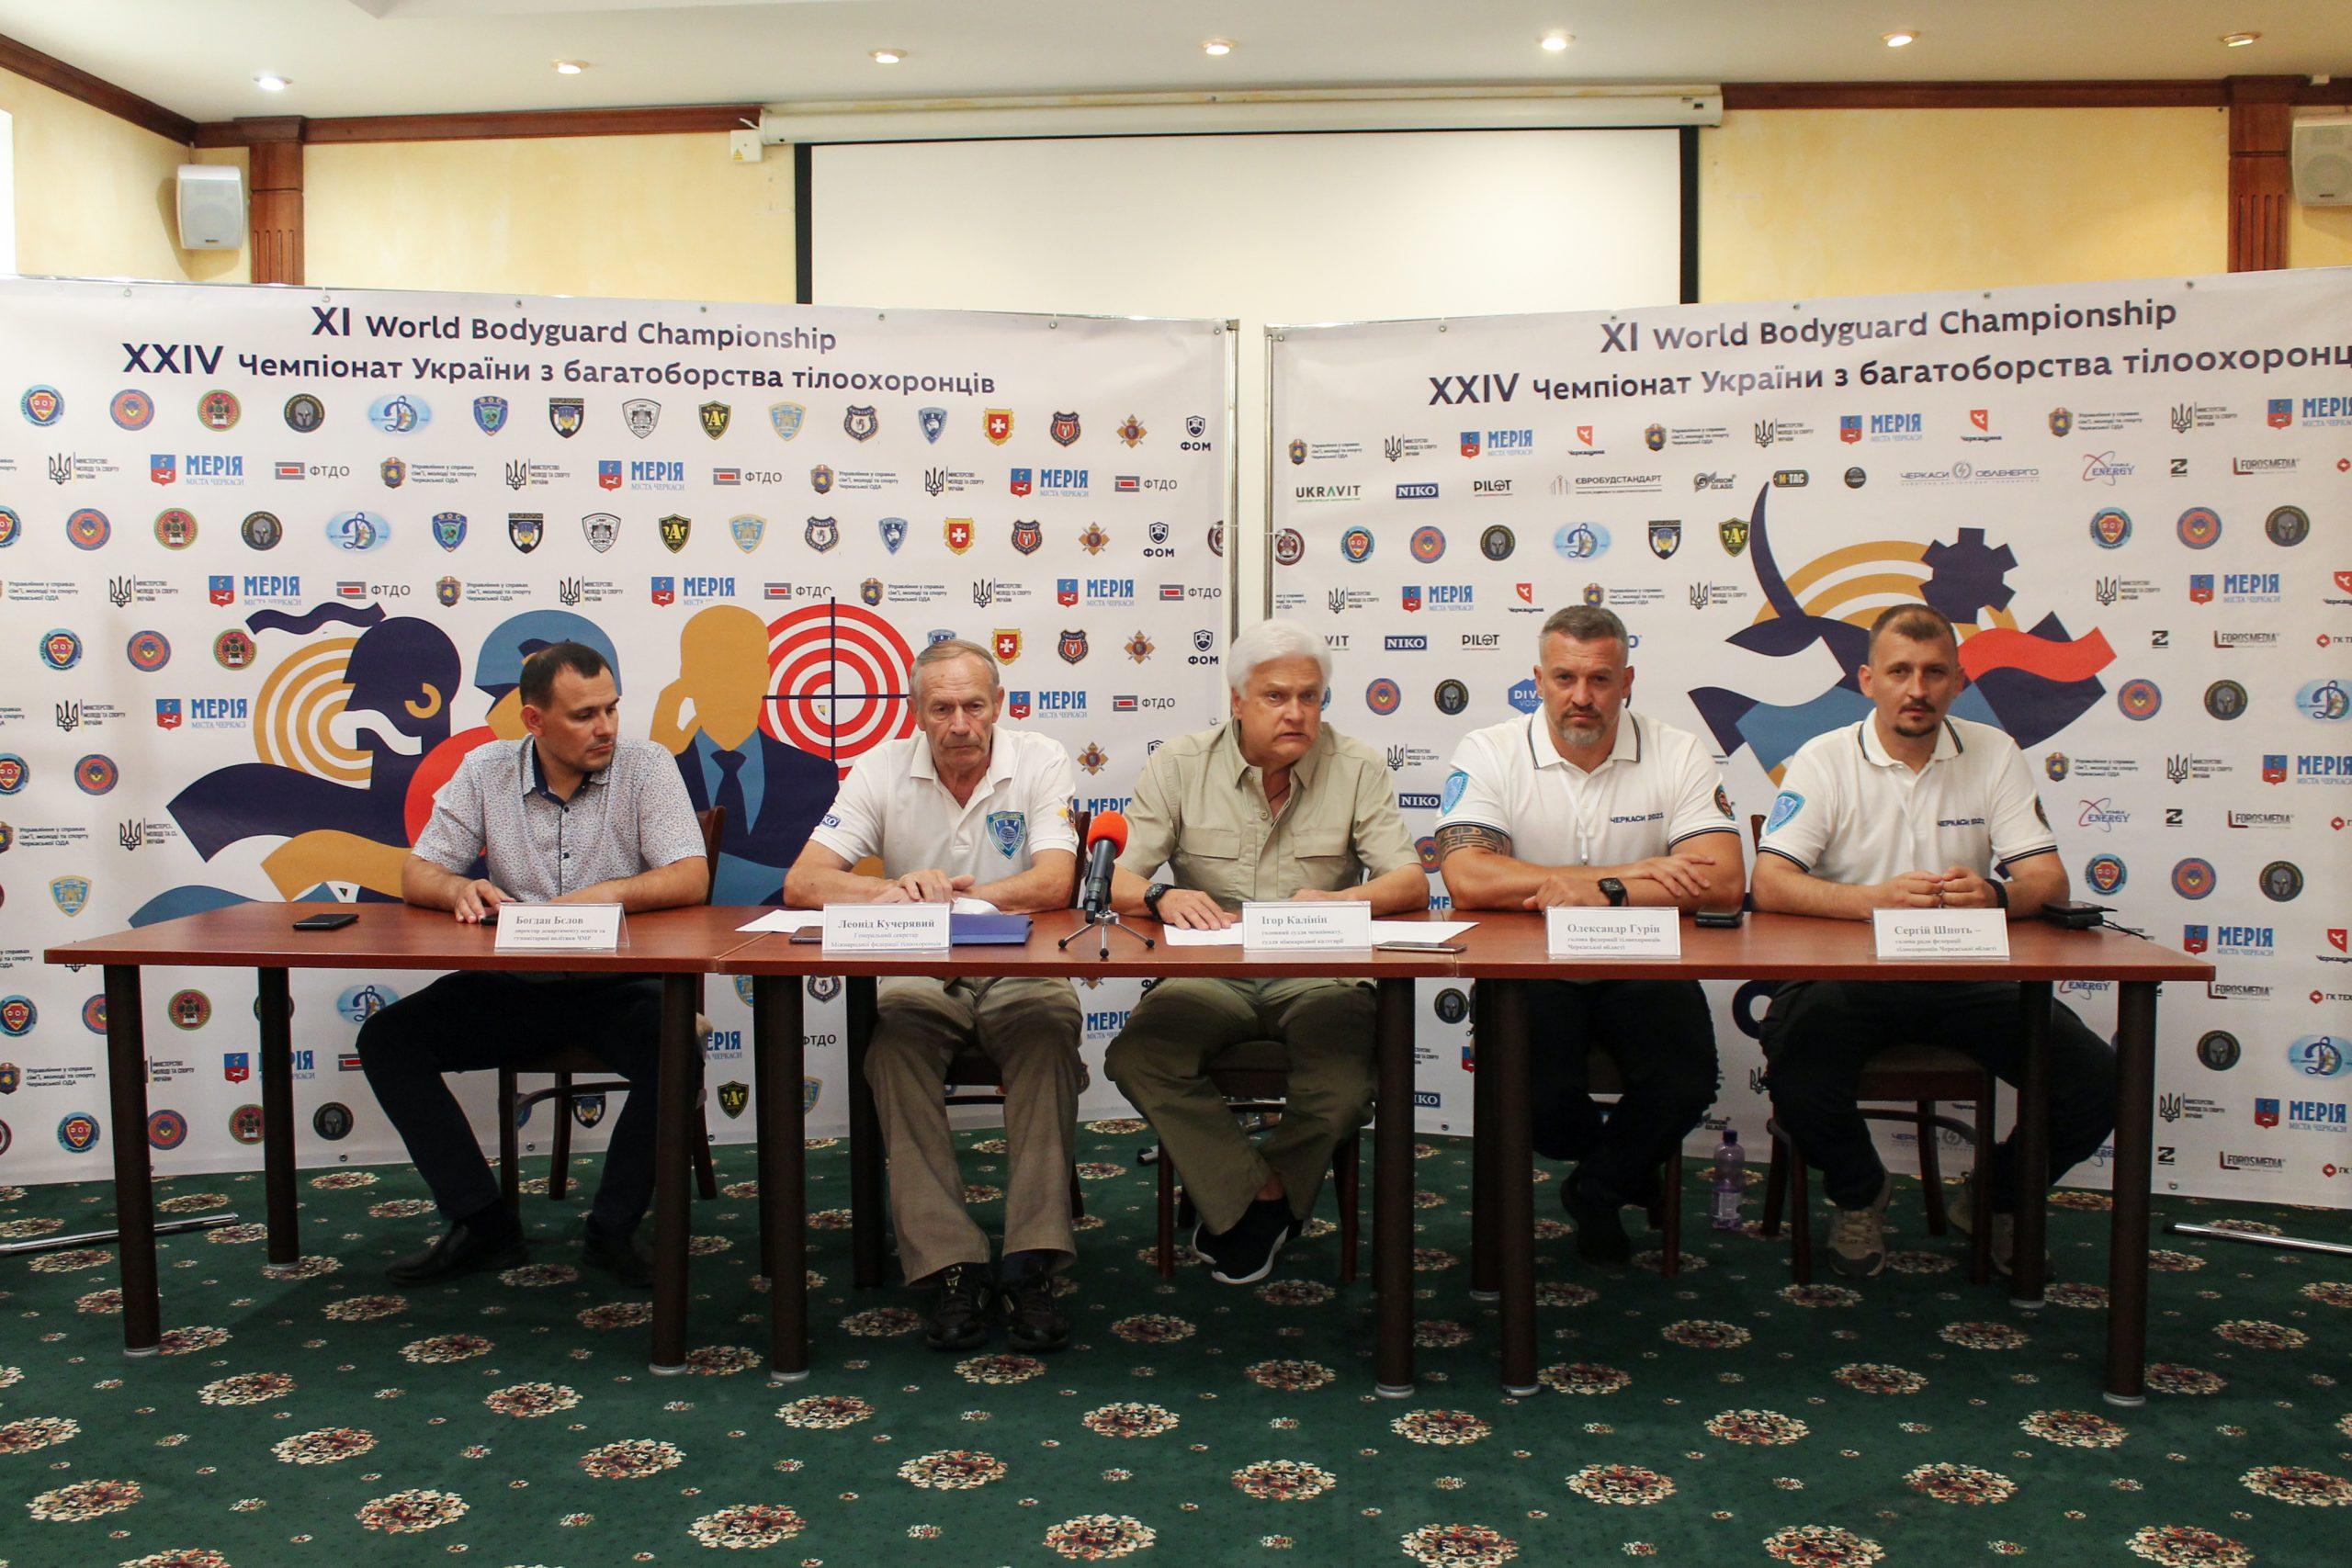 У чемпіонатах тілоохоронців на Черкащині змагатимуться 30 команд